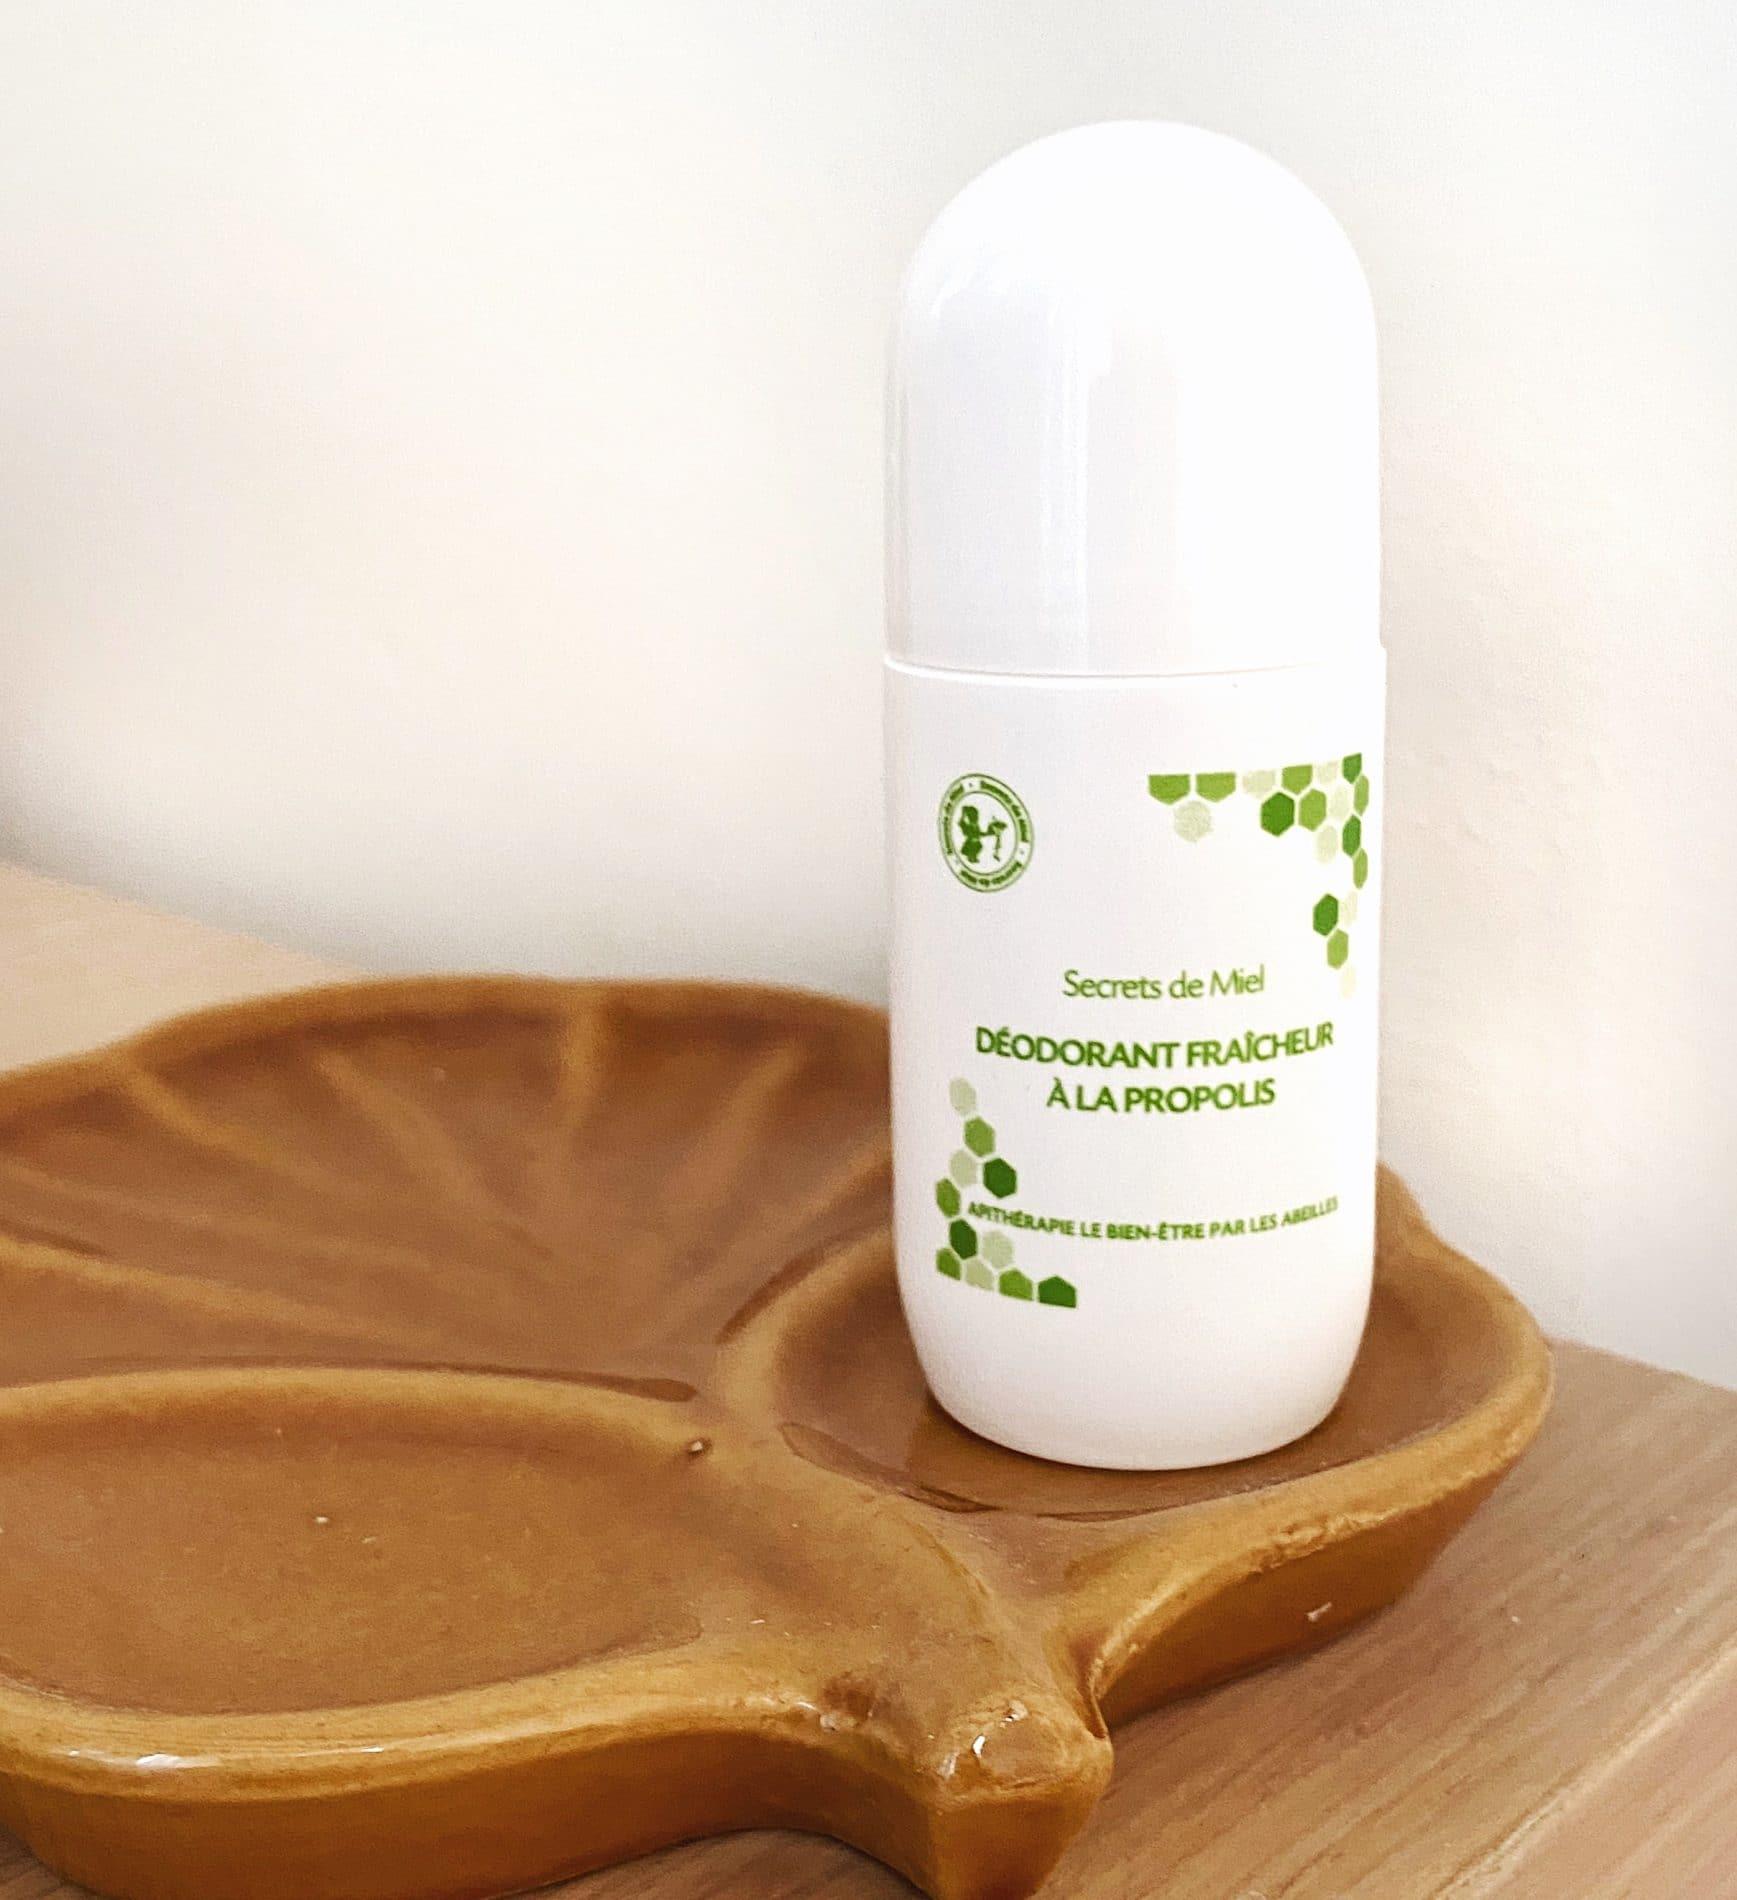 Déodorant fraicheur à la Propolis - Secrets de Miel - Produits naturels - produits de la ruche - deodorant naturel - apithérapie